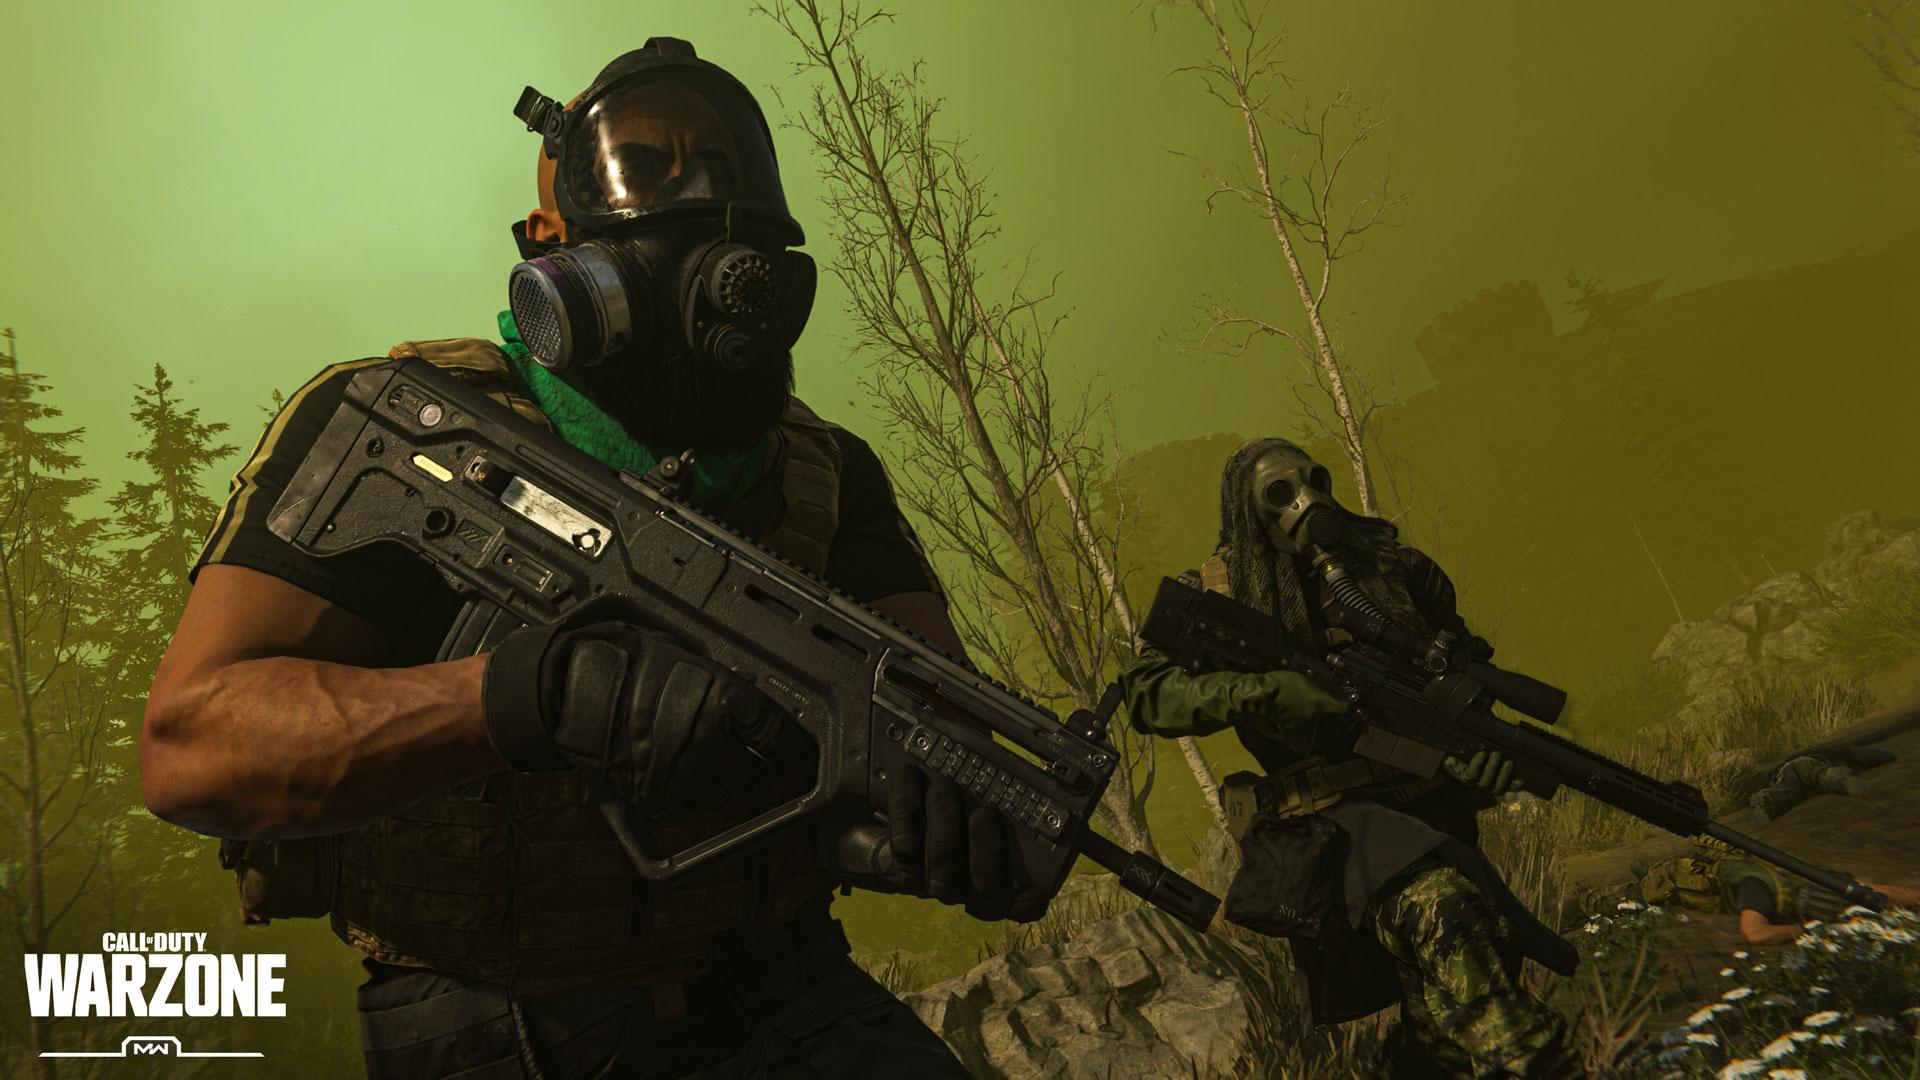 В Call of Duty: Warzone нашли новый баг — он позволяет видеть конкретного игрока через стены